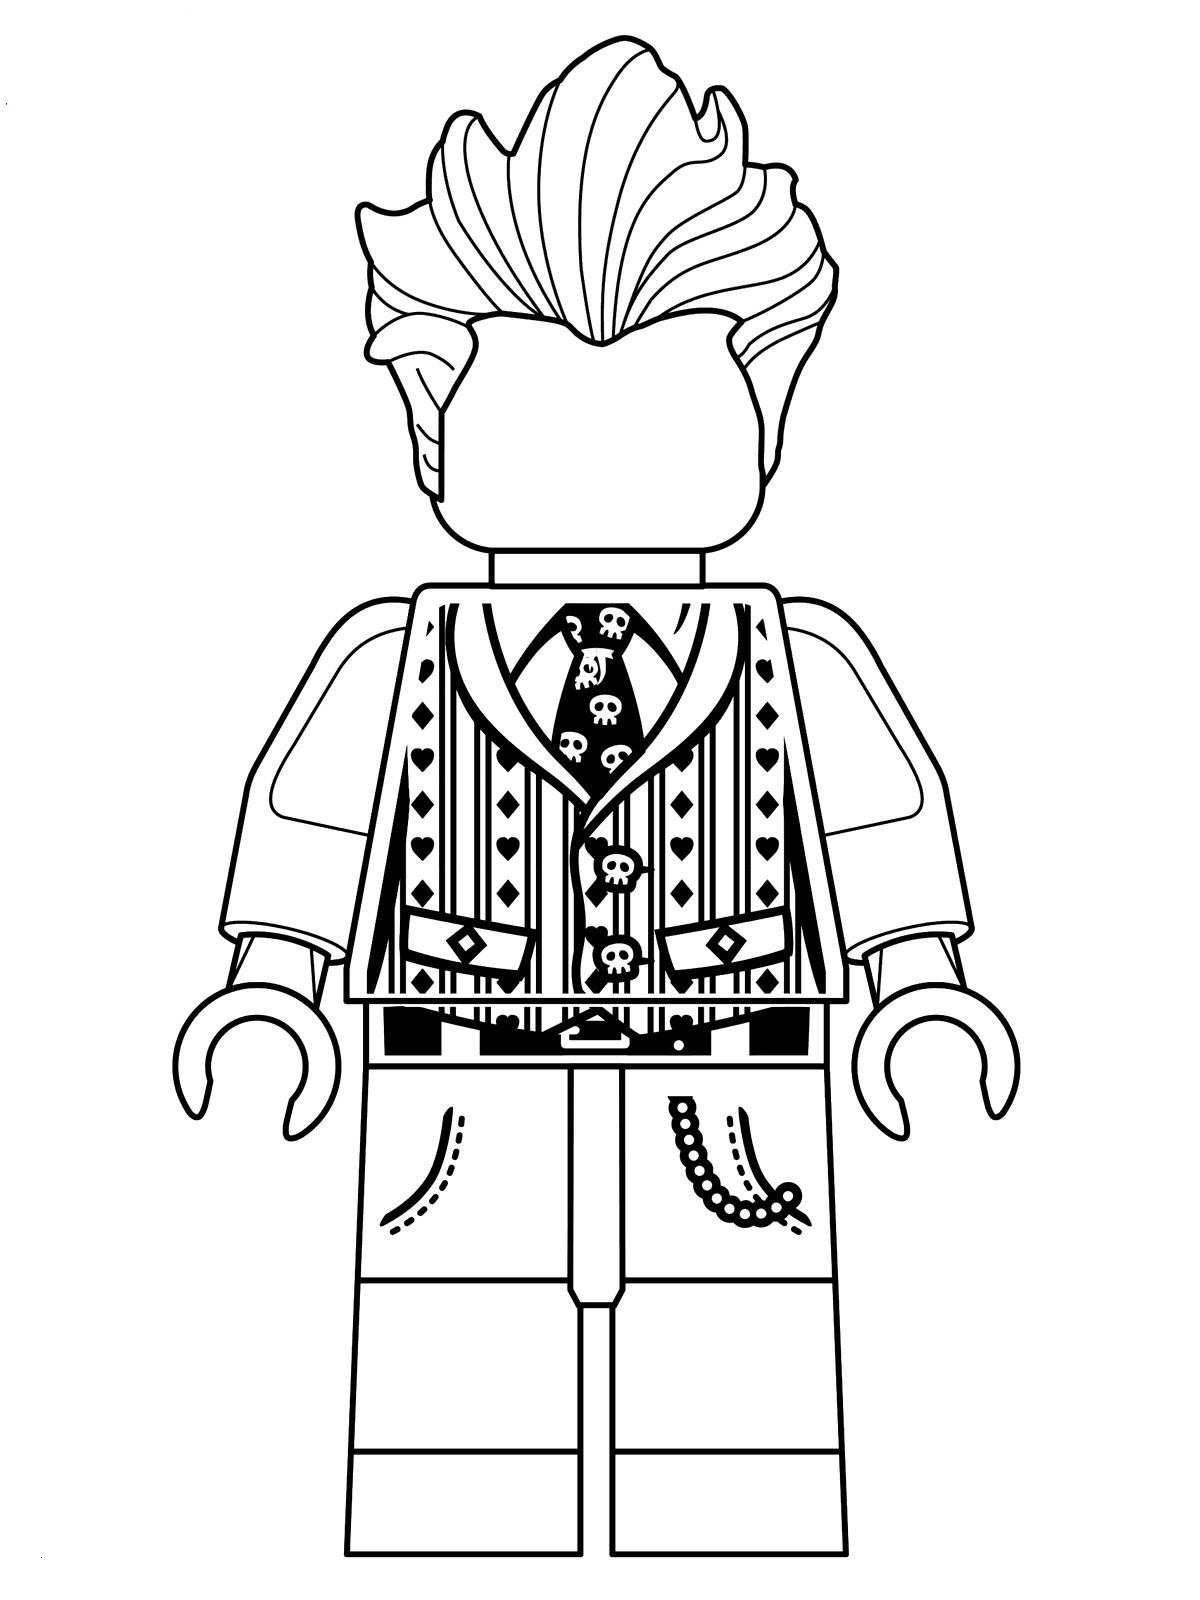 Ausmalbilder Marvel Helden Genial Marvel Ic Helden Malvorlagen Best Star Wars Ausmalbilder Lego Sammlung